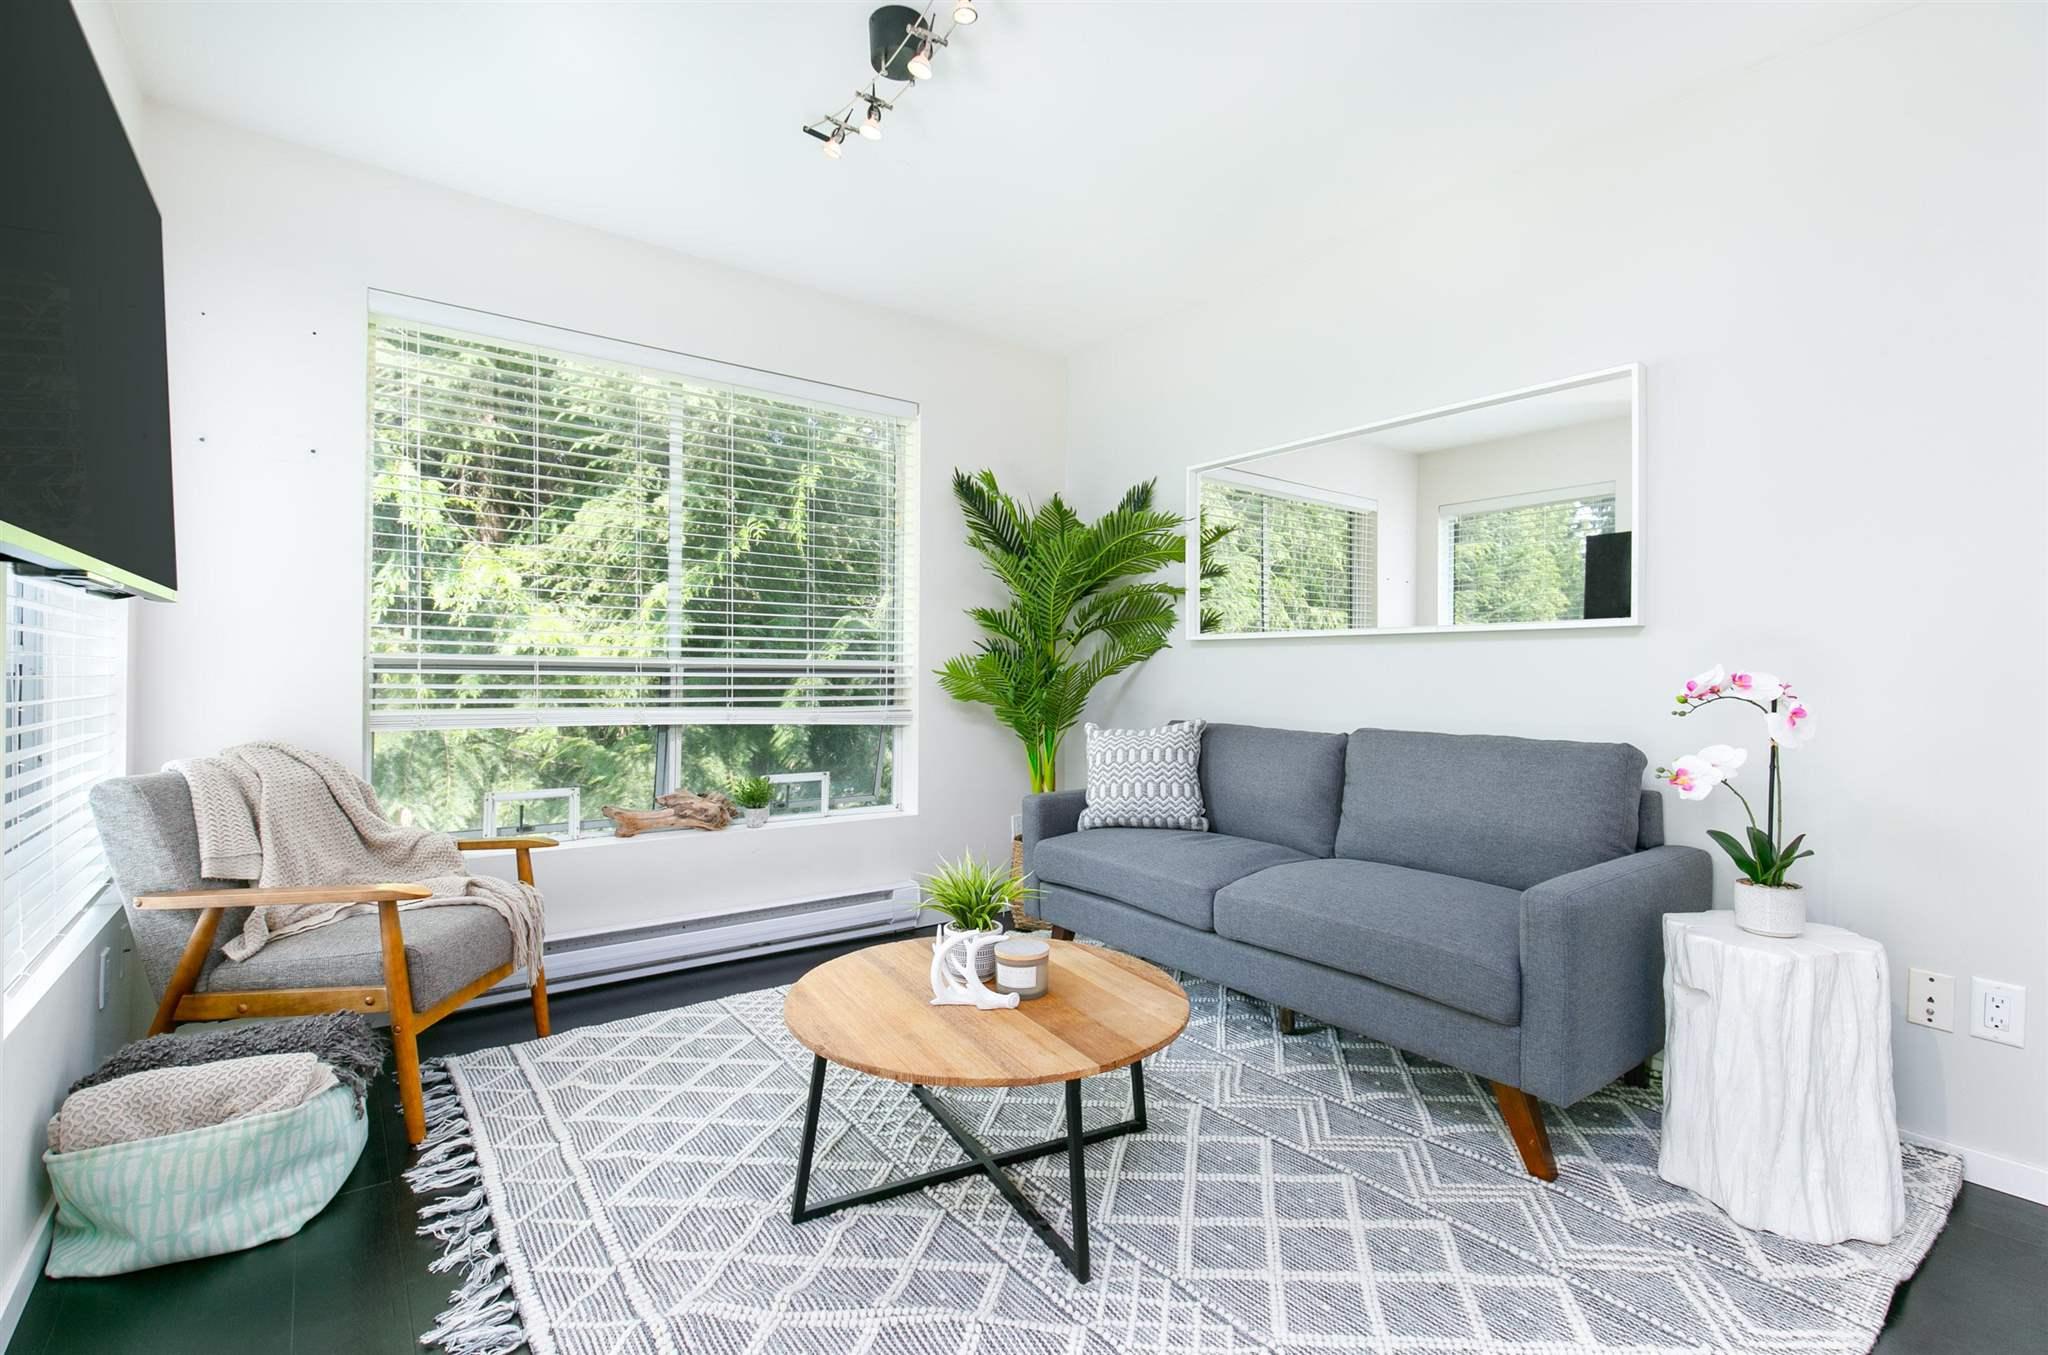 20 2230 EVA LAKE ROAD - Nordic Apartment/Condo for sale, 1 Bedroom (R2601837)